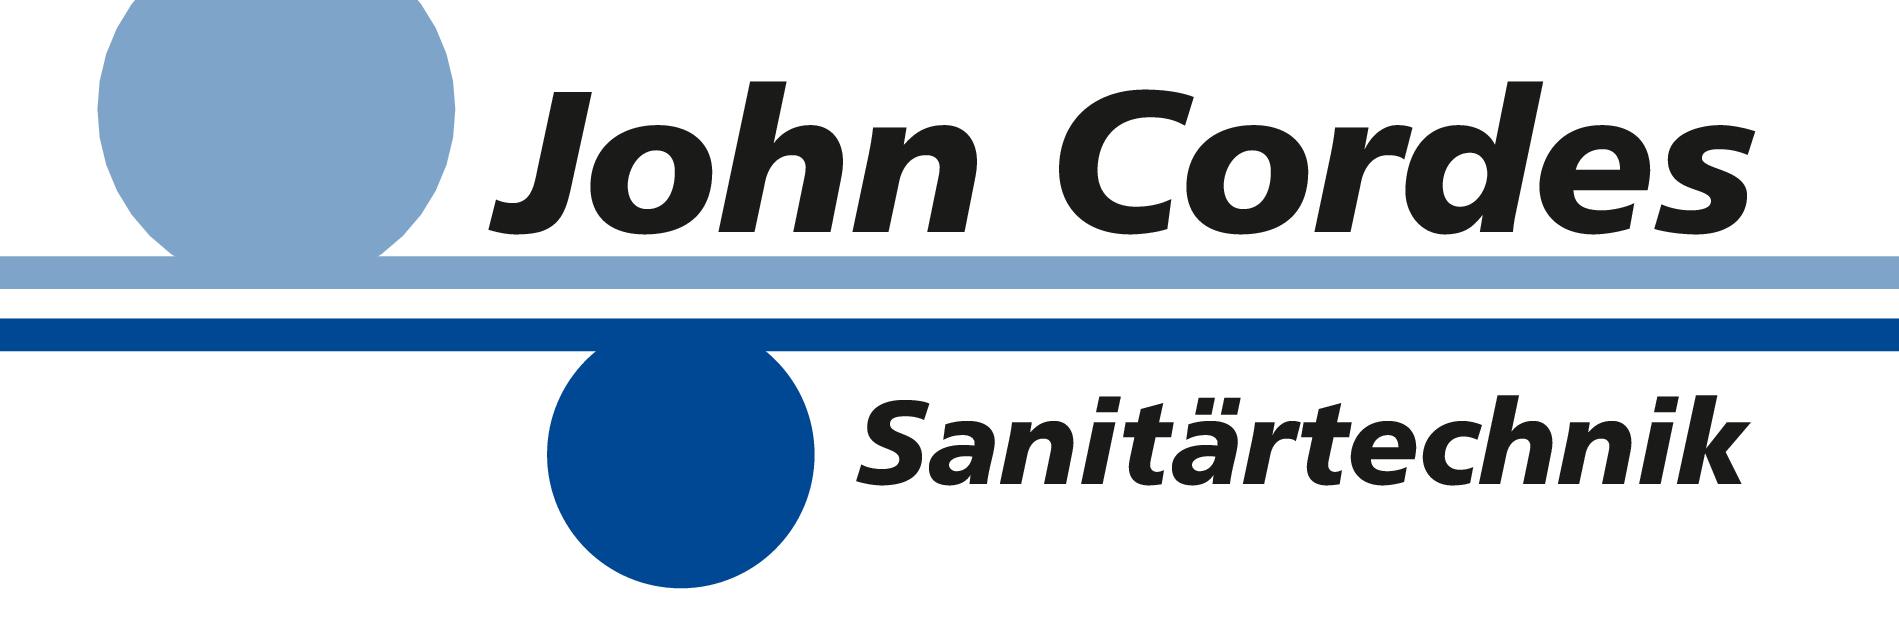 John Cordes Sanitärtechnik